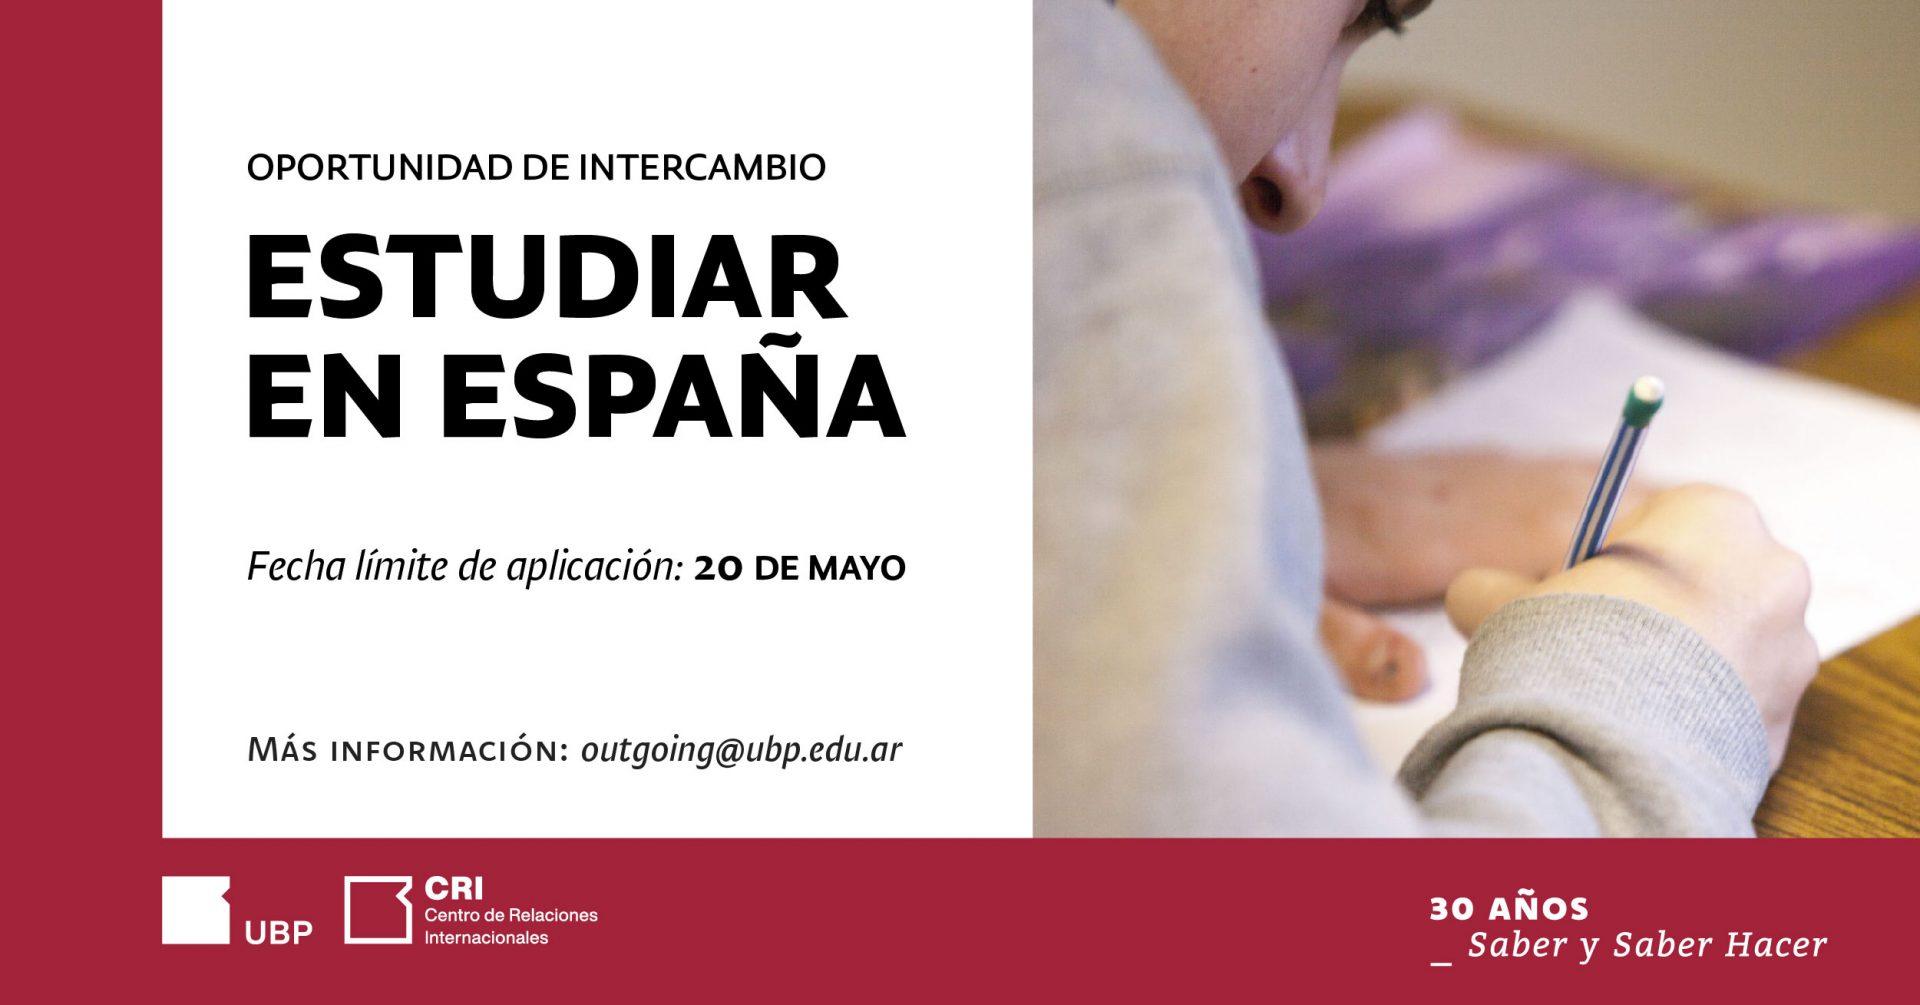 ¡Oportunidades de intercambio: estudiá en España!